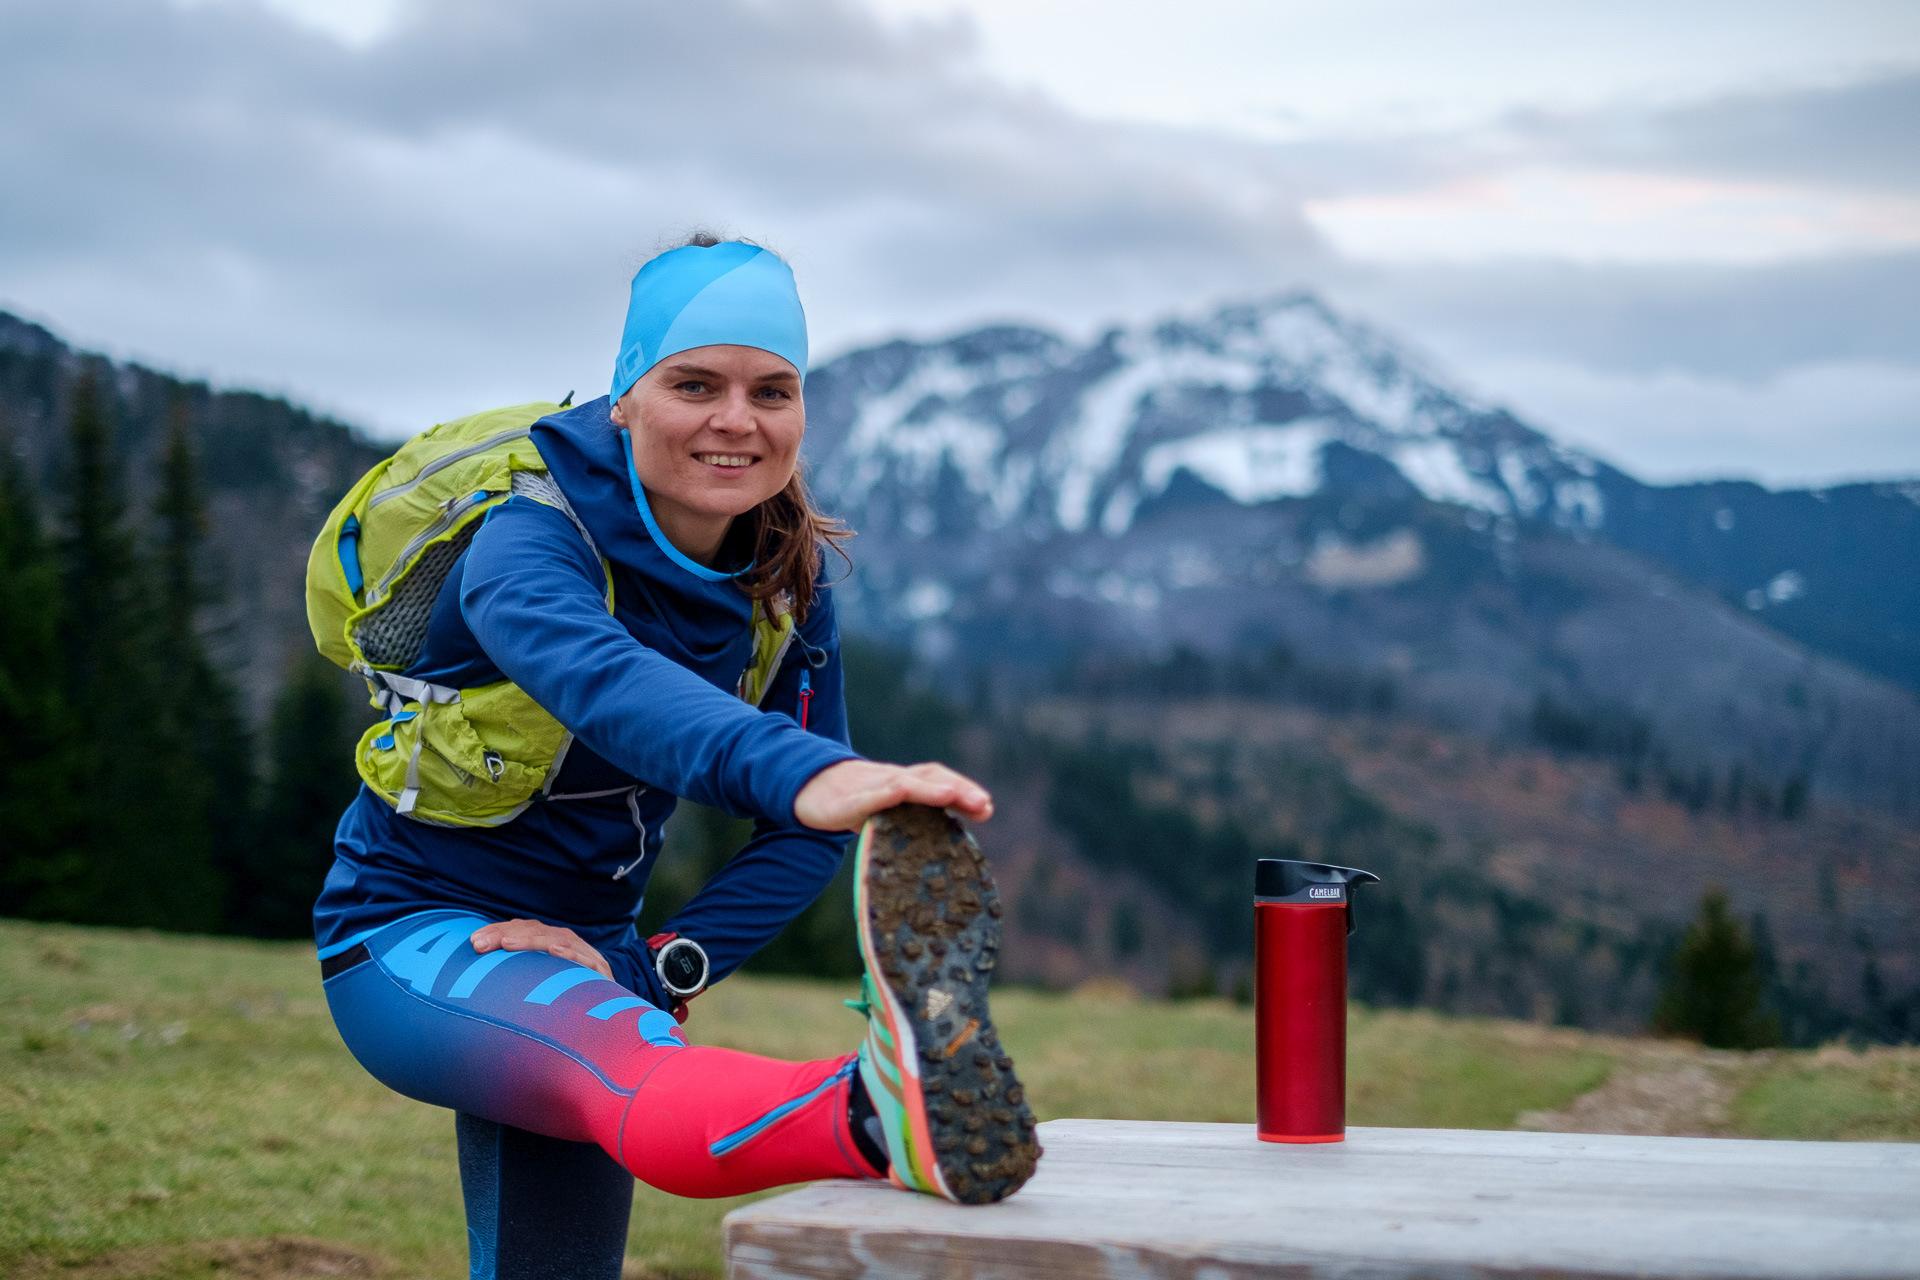 Bieganie w Tatrach, CamelBak, rozciąganie, Przysłop Miętusi, Tatry, biegaczka